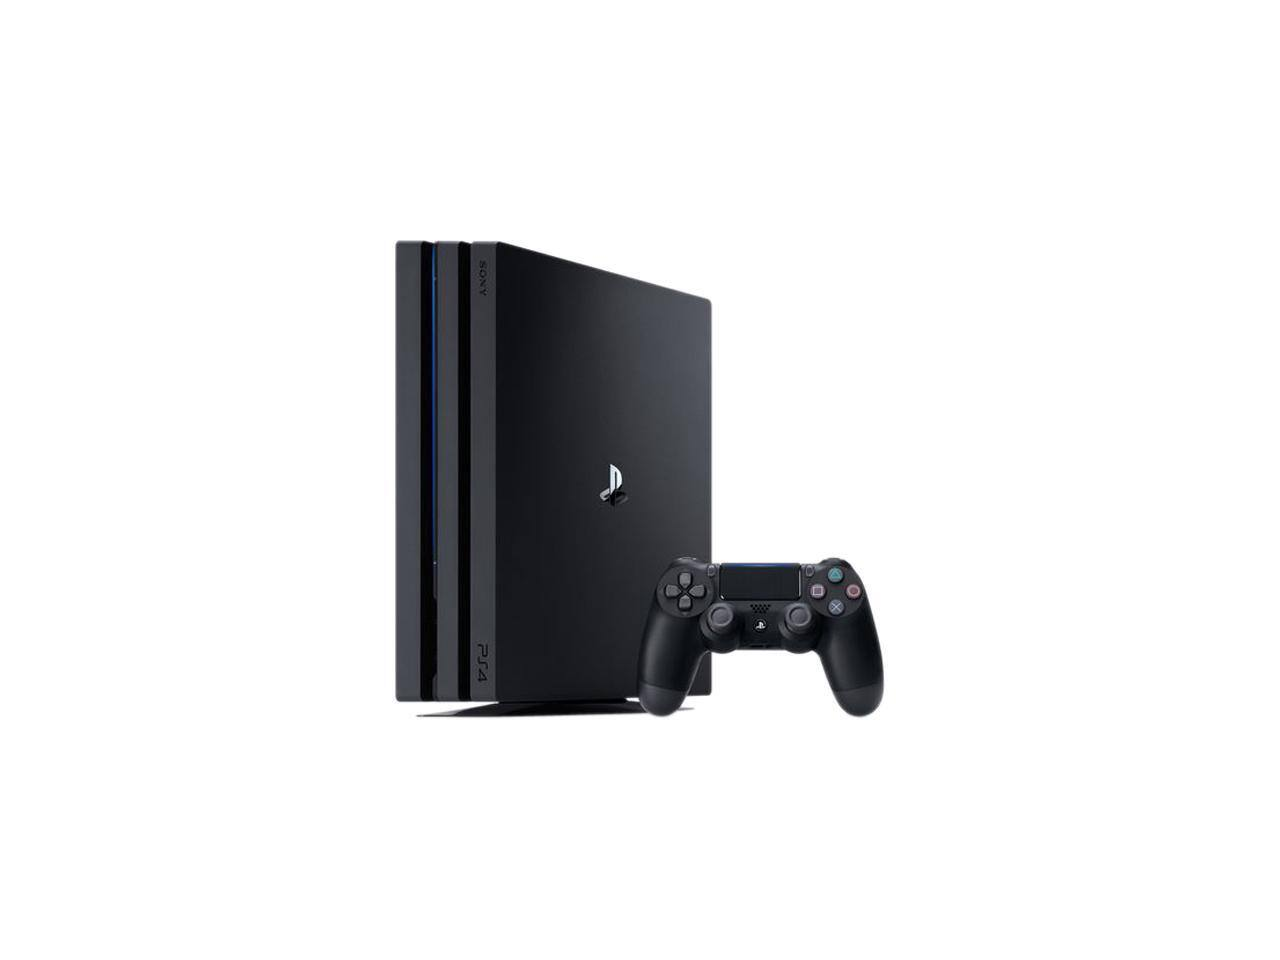 Playstation 4 Pro 1TB console $349.99 shipped @Newegg